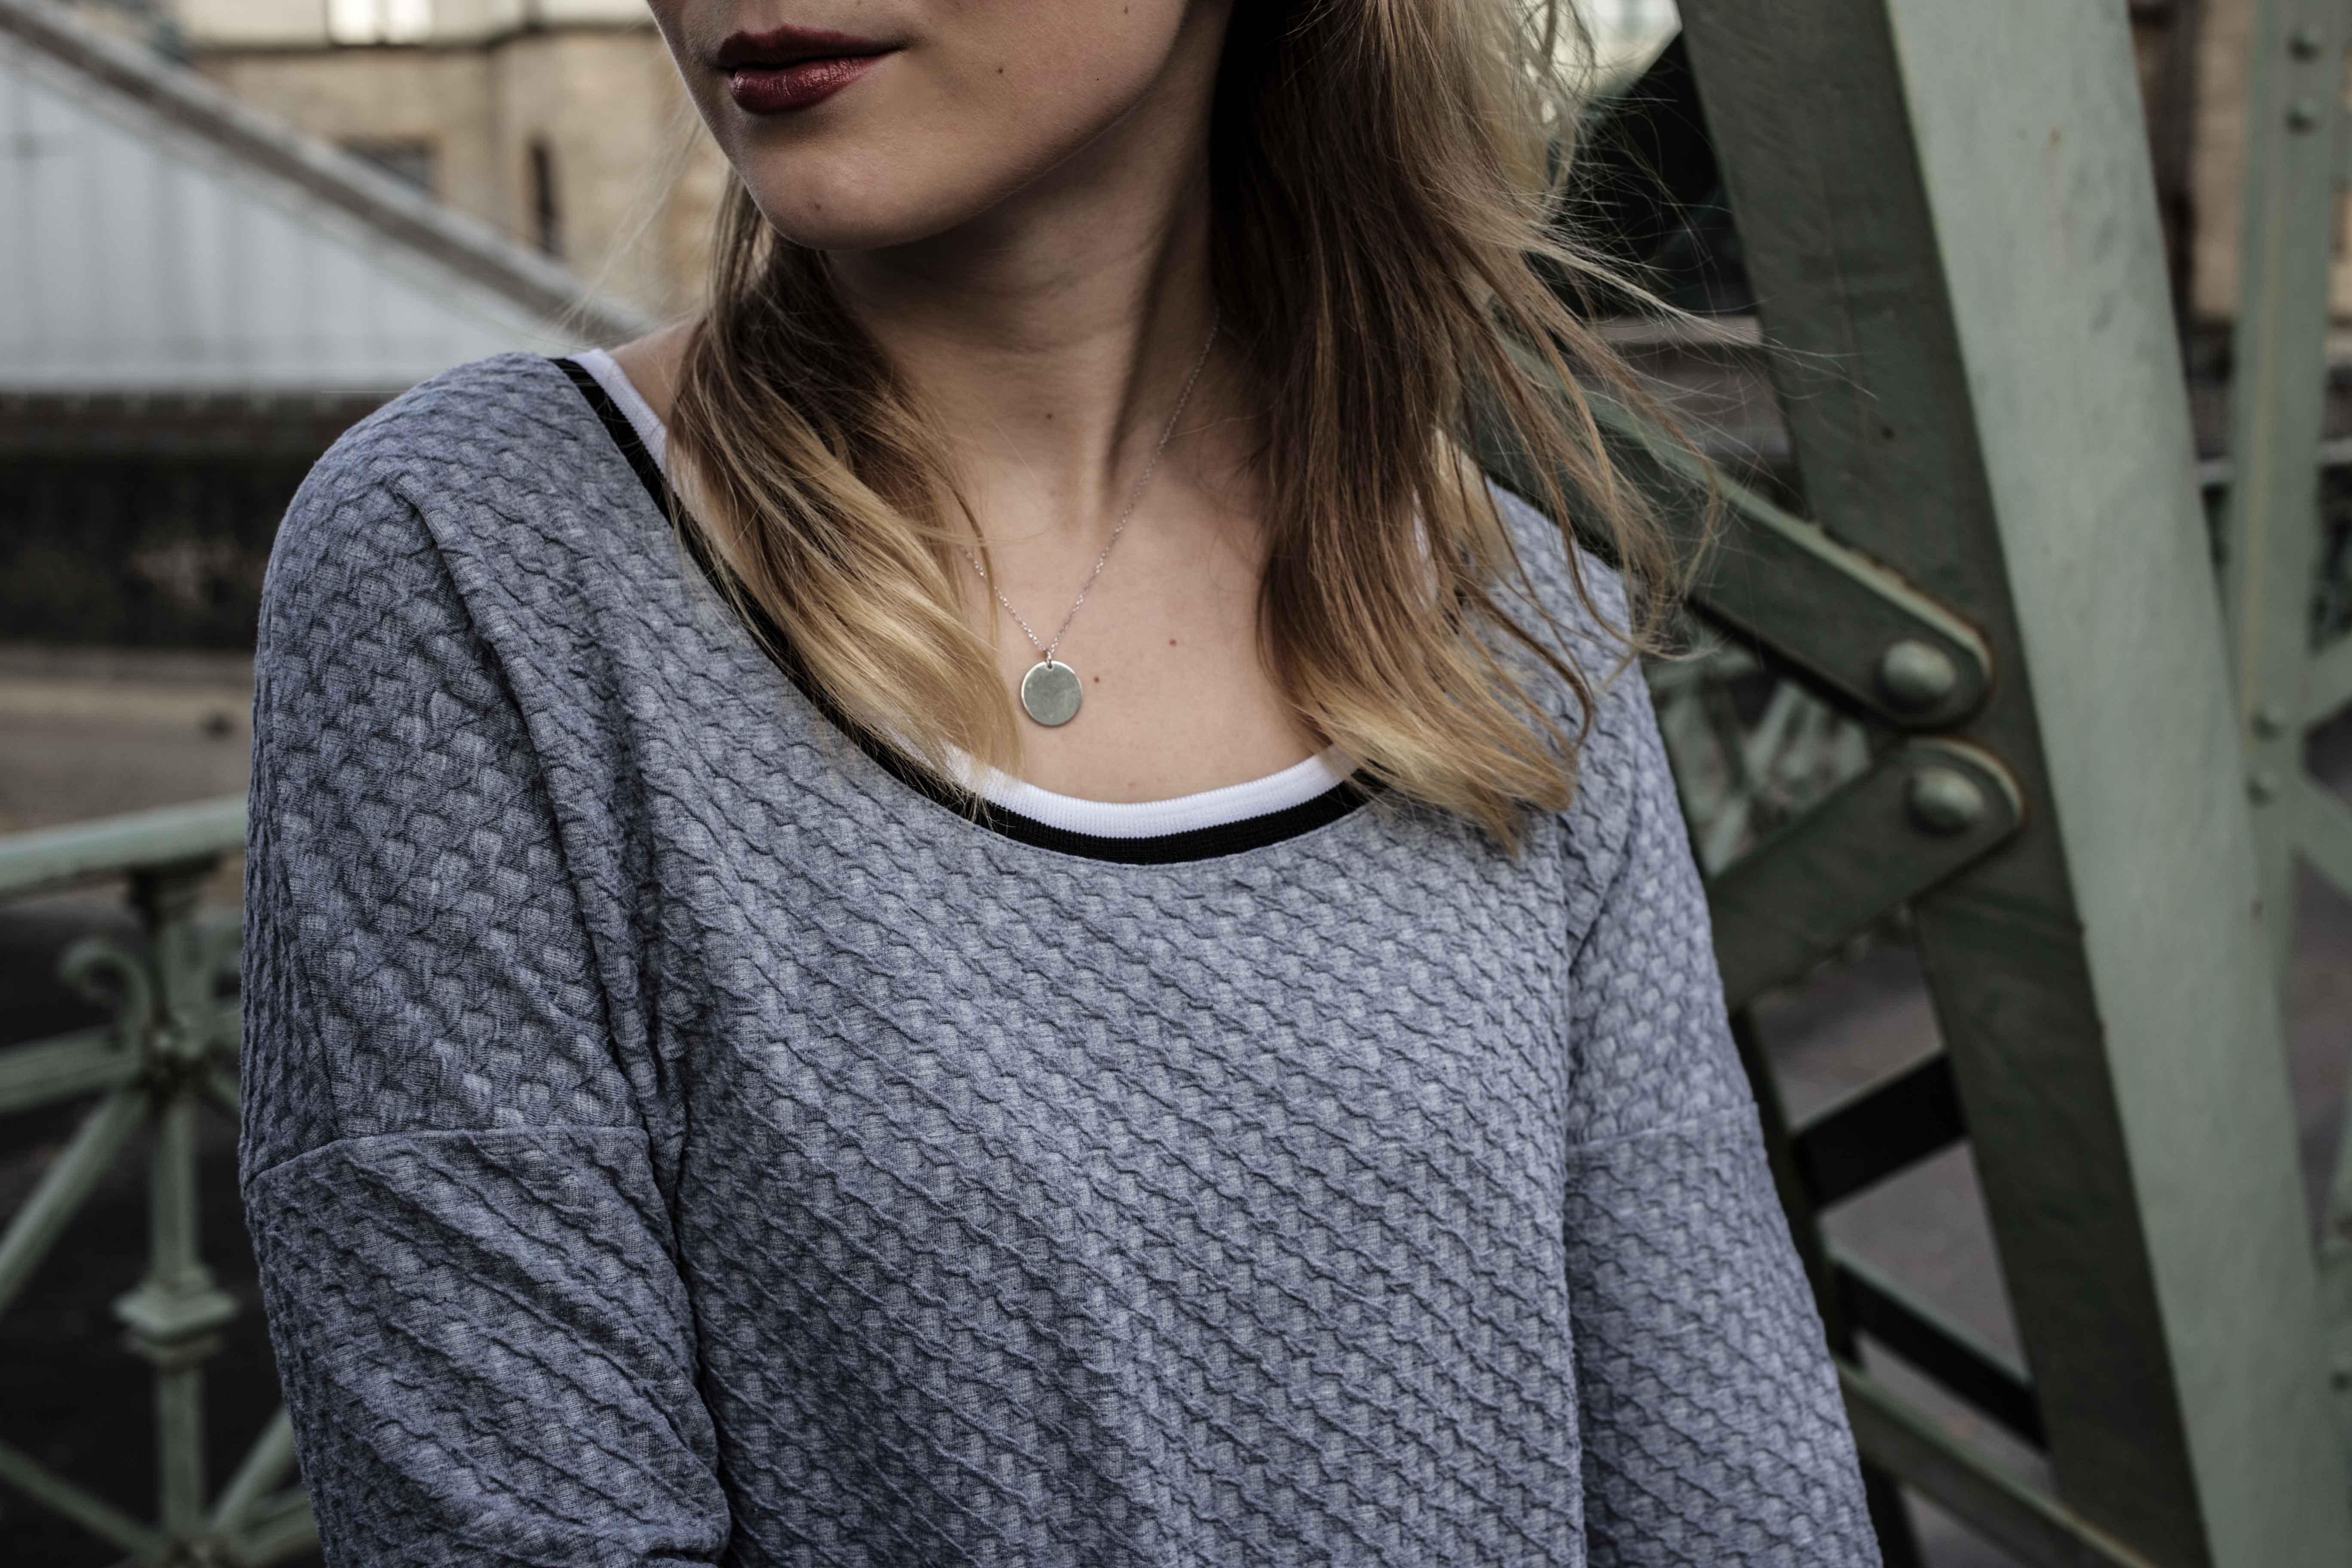 sparkle-store-fashion-sparkle-jogger-pants-alltag-nadel-und-faden-hamburg-designerkleidung-designerklamotten-modeblog-koeln-fashionblog-berlin_6816